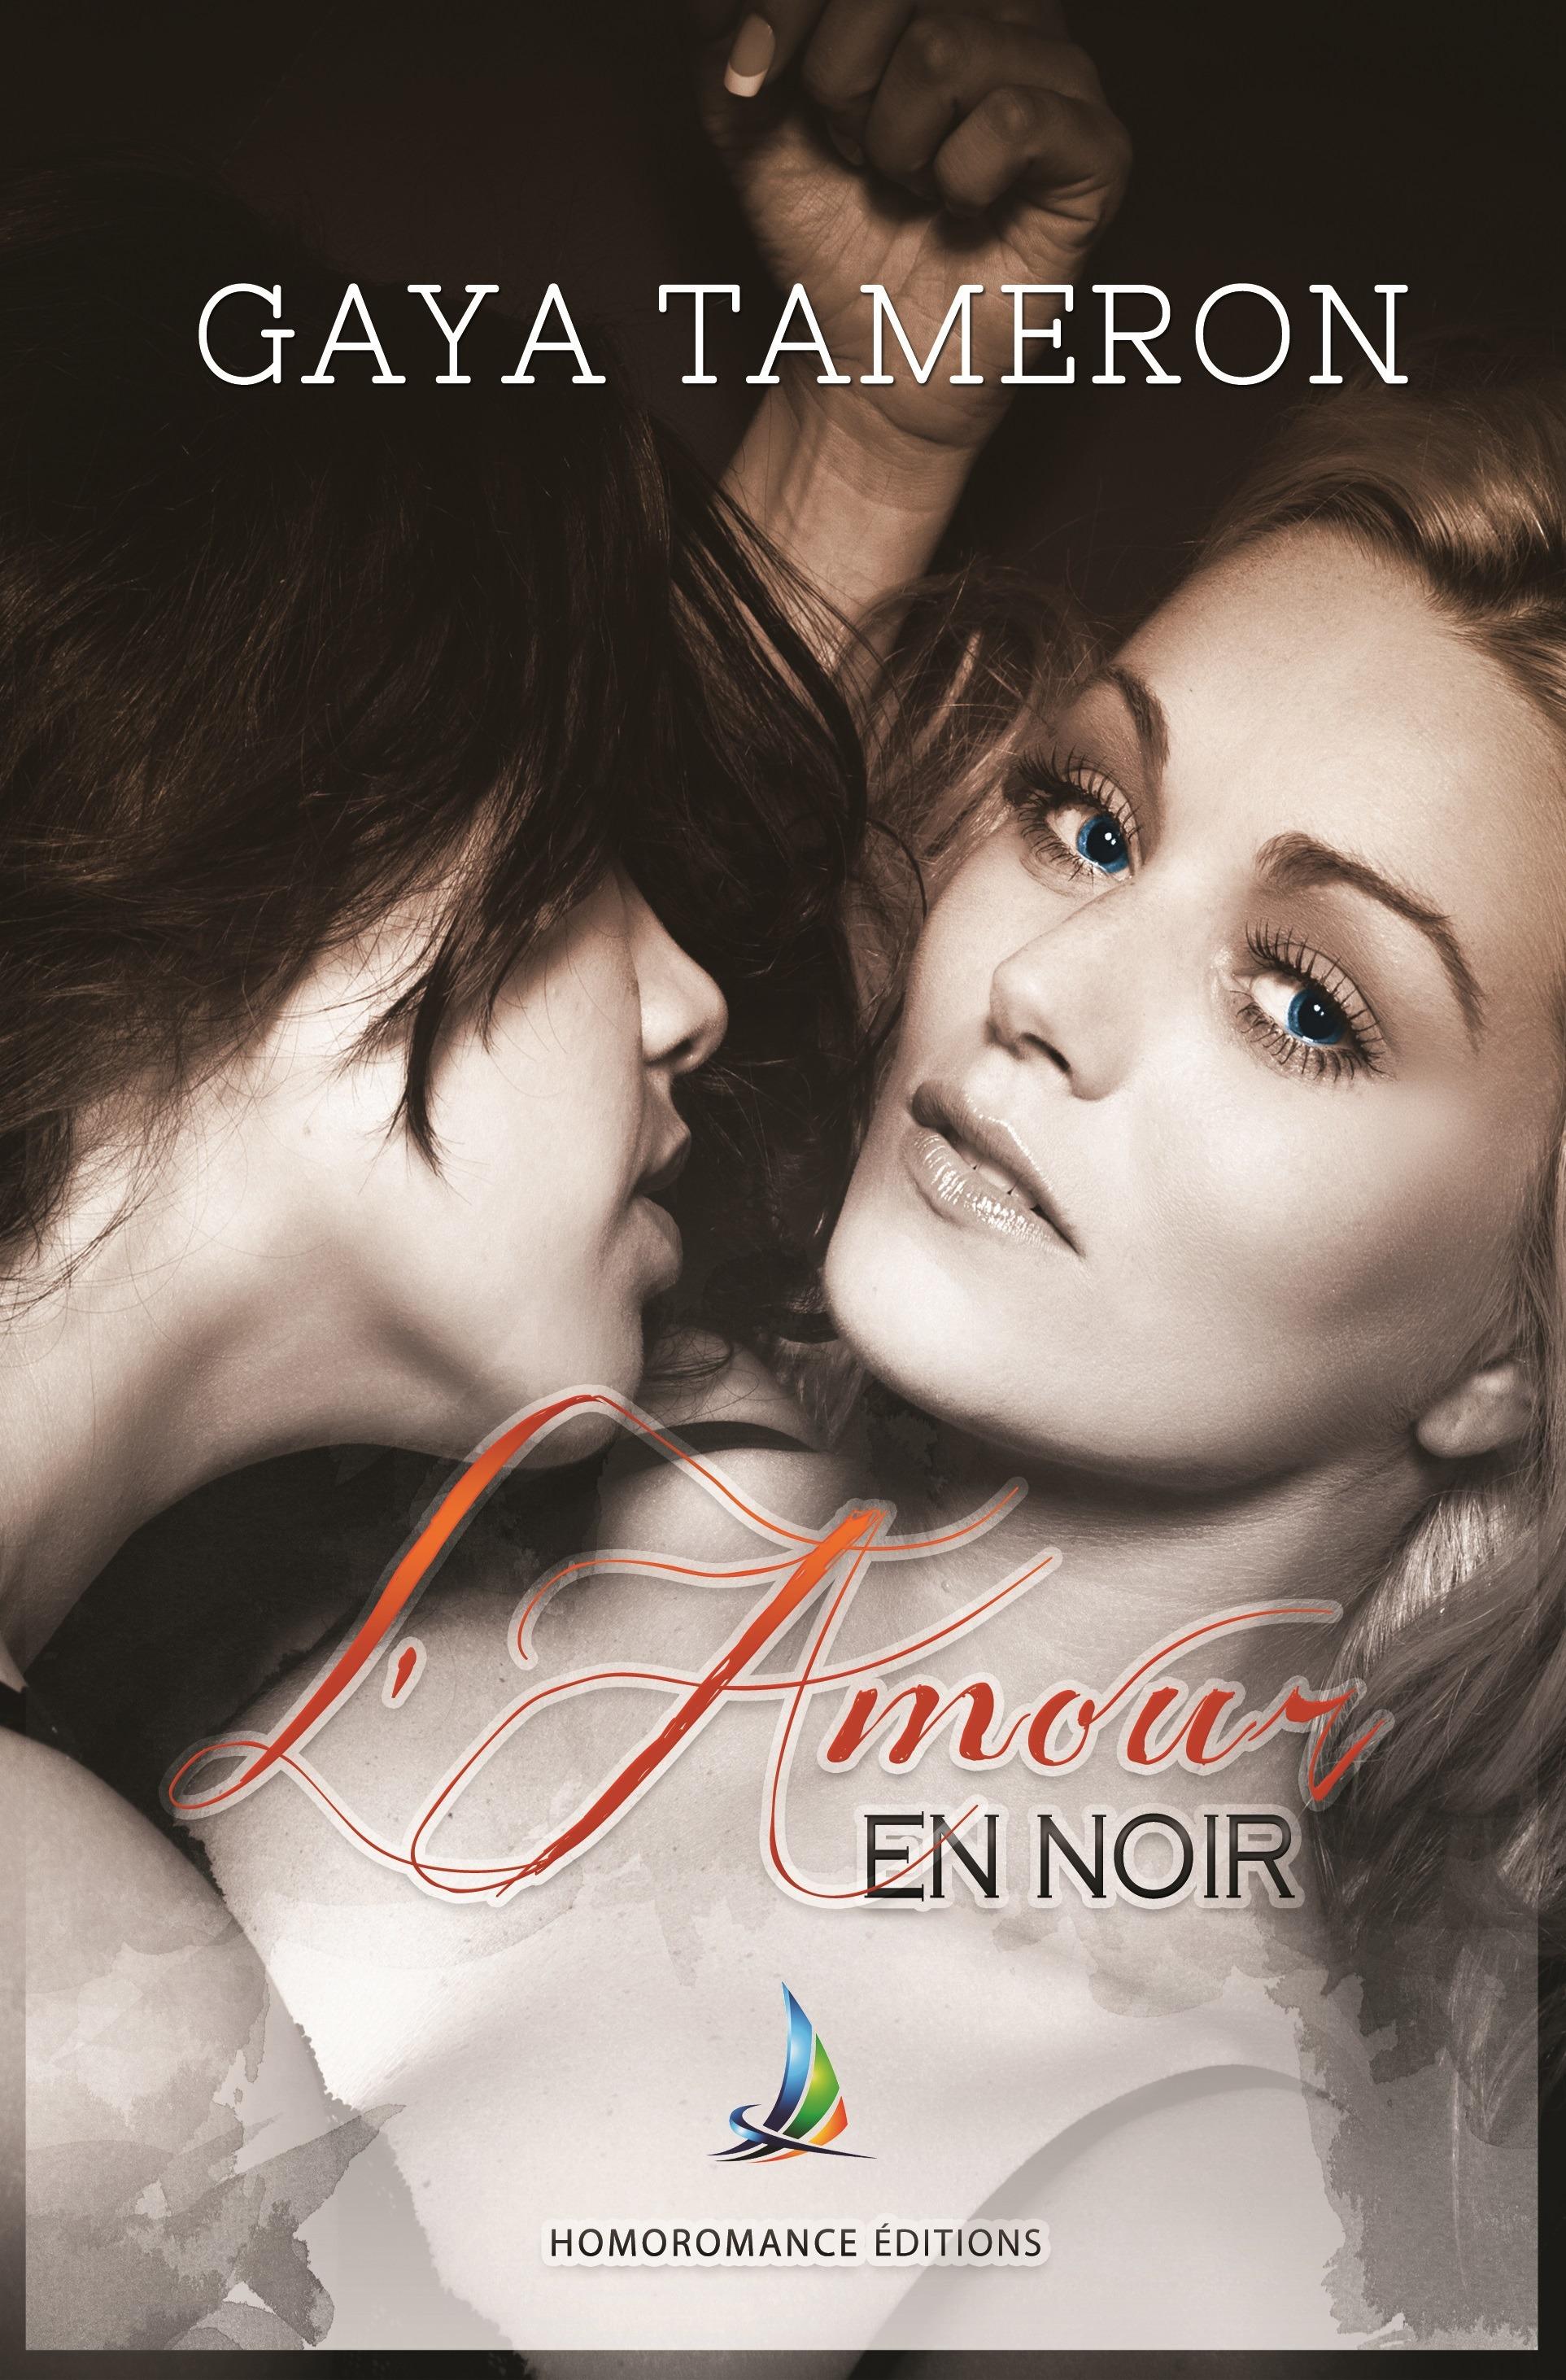 L'amour en noir   Nouvelle lesbienne, roman lesbien  - Gaya Tameron